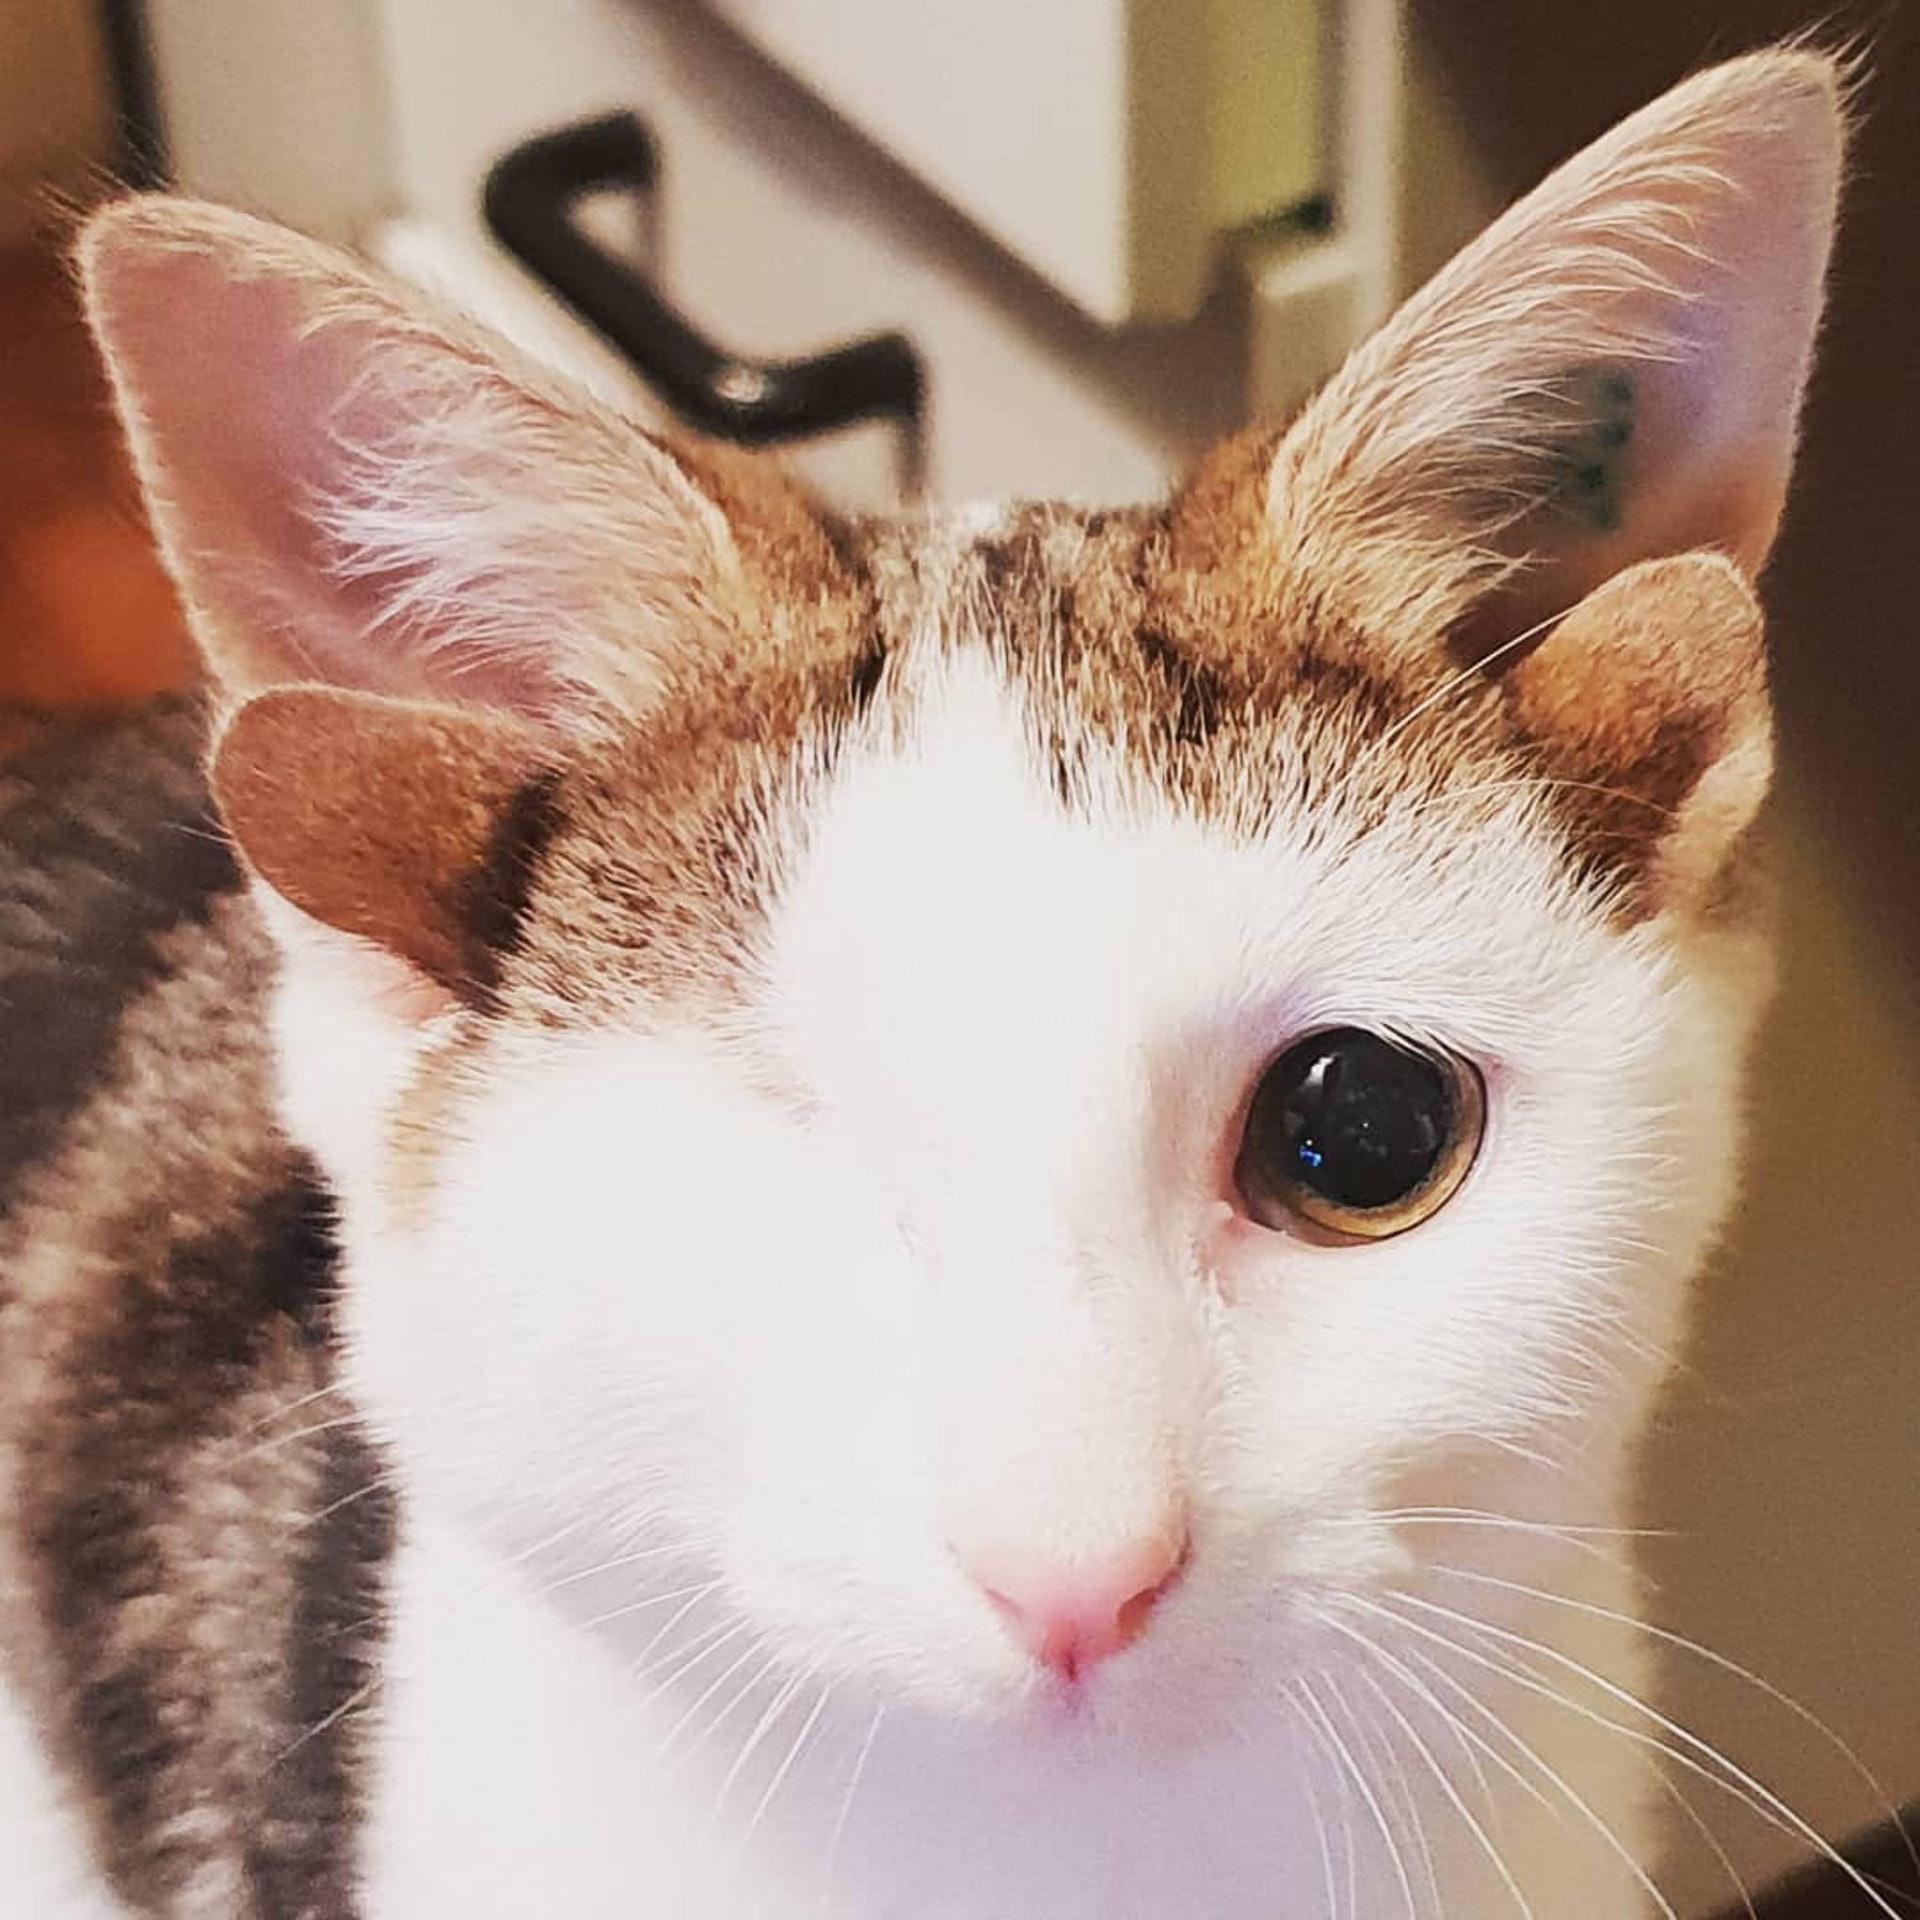 小貓Frankie不但有4隻耳朵,更只剩下左眼。(Instagram@frank_n_kitten)